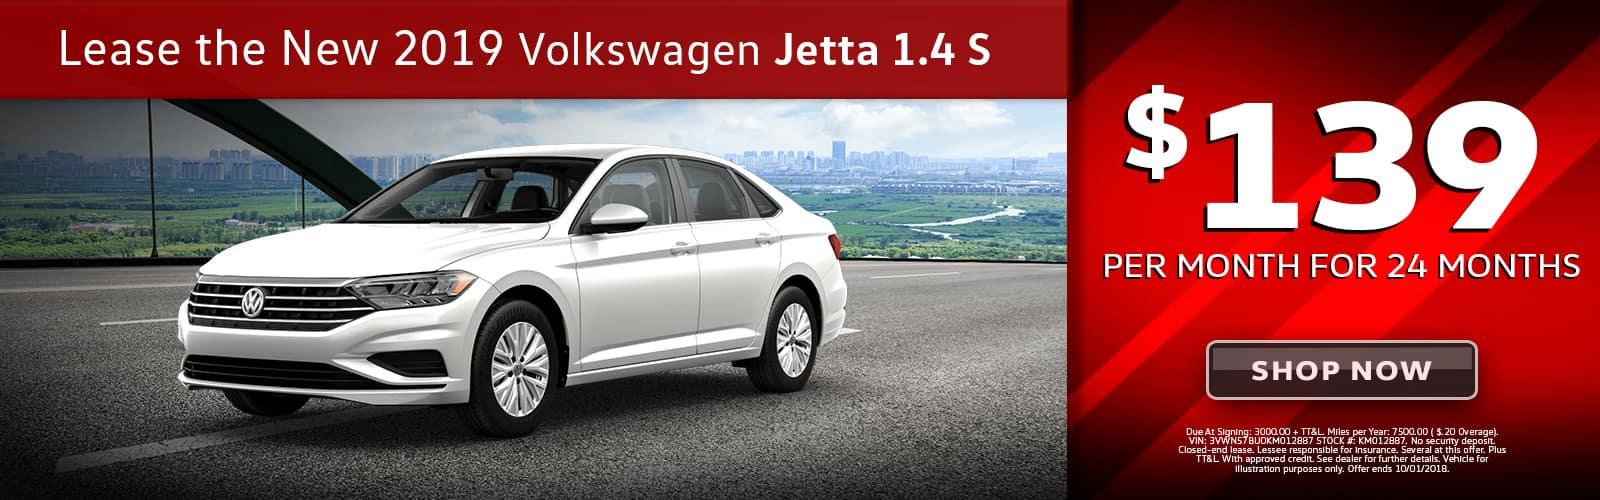 2019-volkswagen-jetta-1.4-s-lease-volkswagen-beaumont